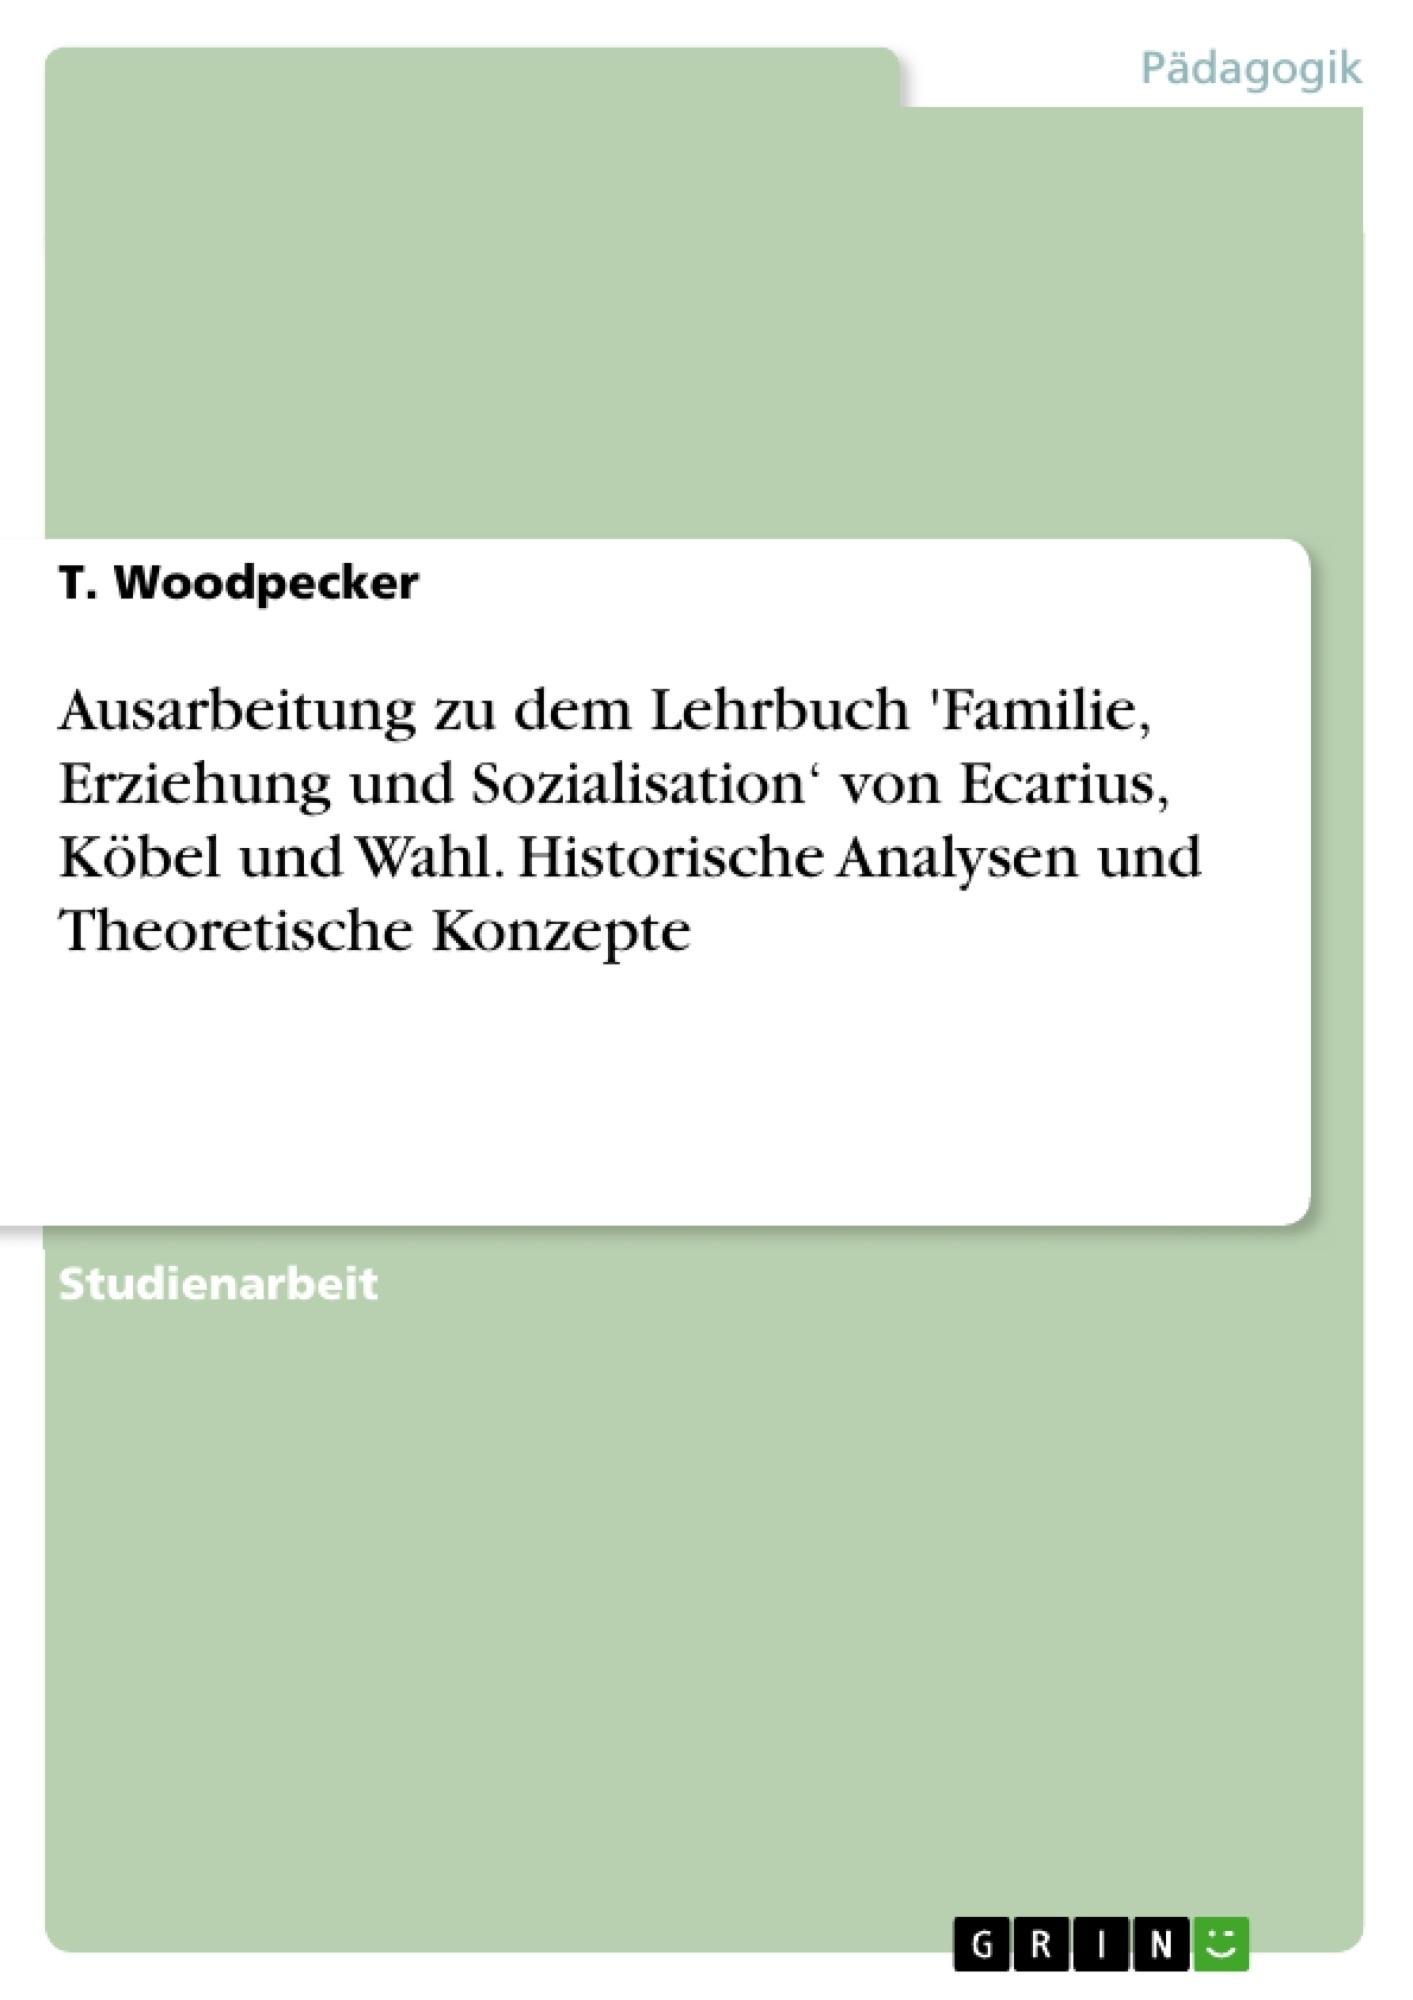 Titel: Ausarbeitung zu dem Lehrbuch 'Familie, Erziehung und Sozialisation' von Ecarius, Köbel und Wahl. Historische Analysen und Theoretische Konzepte